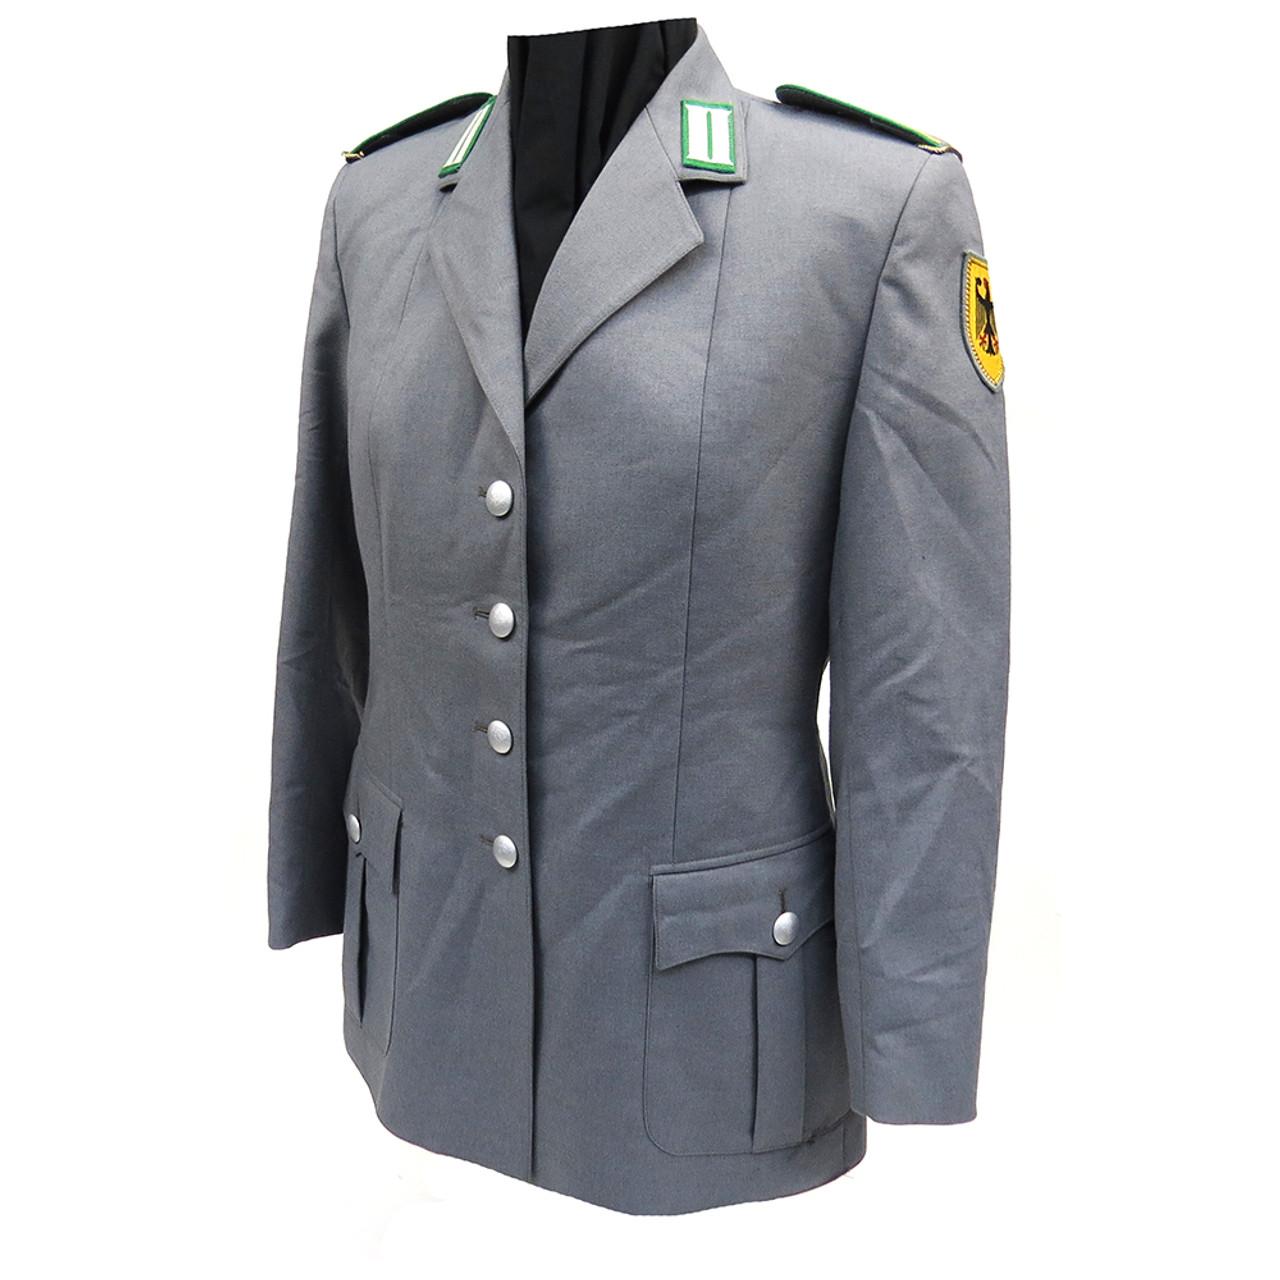 Bundeswehr, grey two pocket female uniform jacket